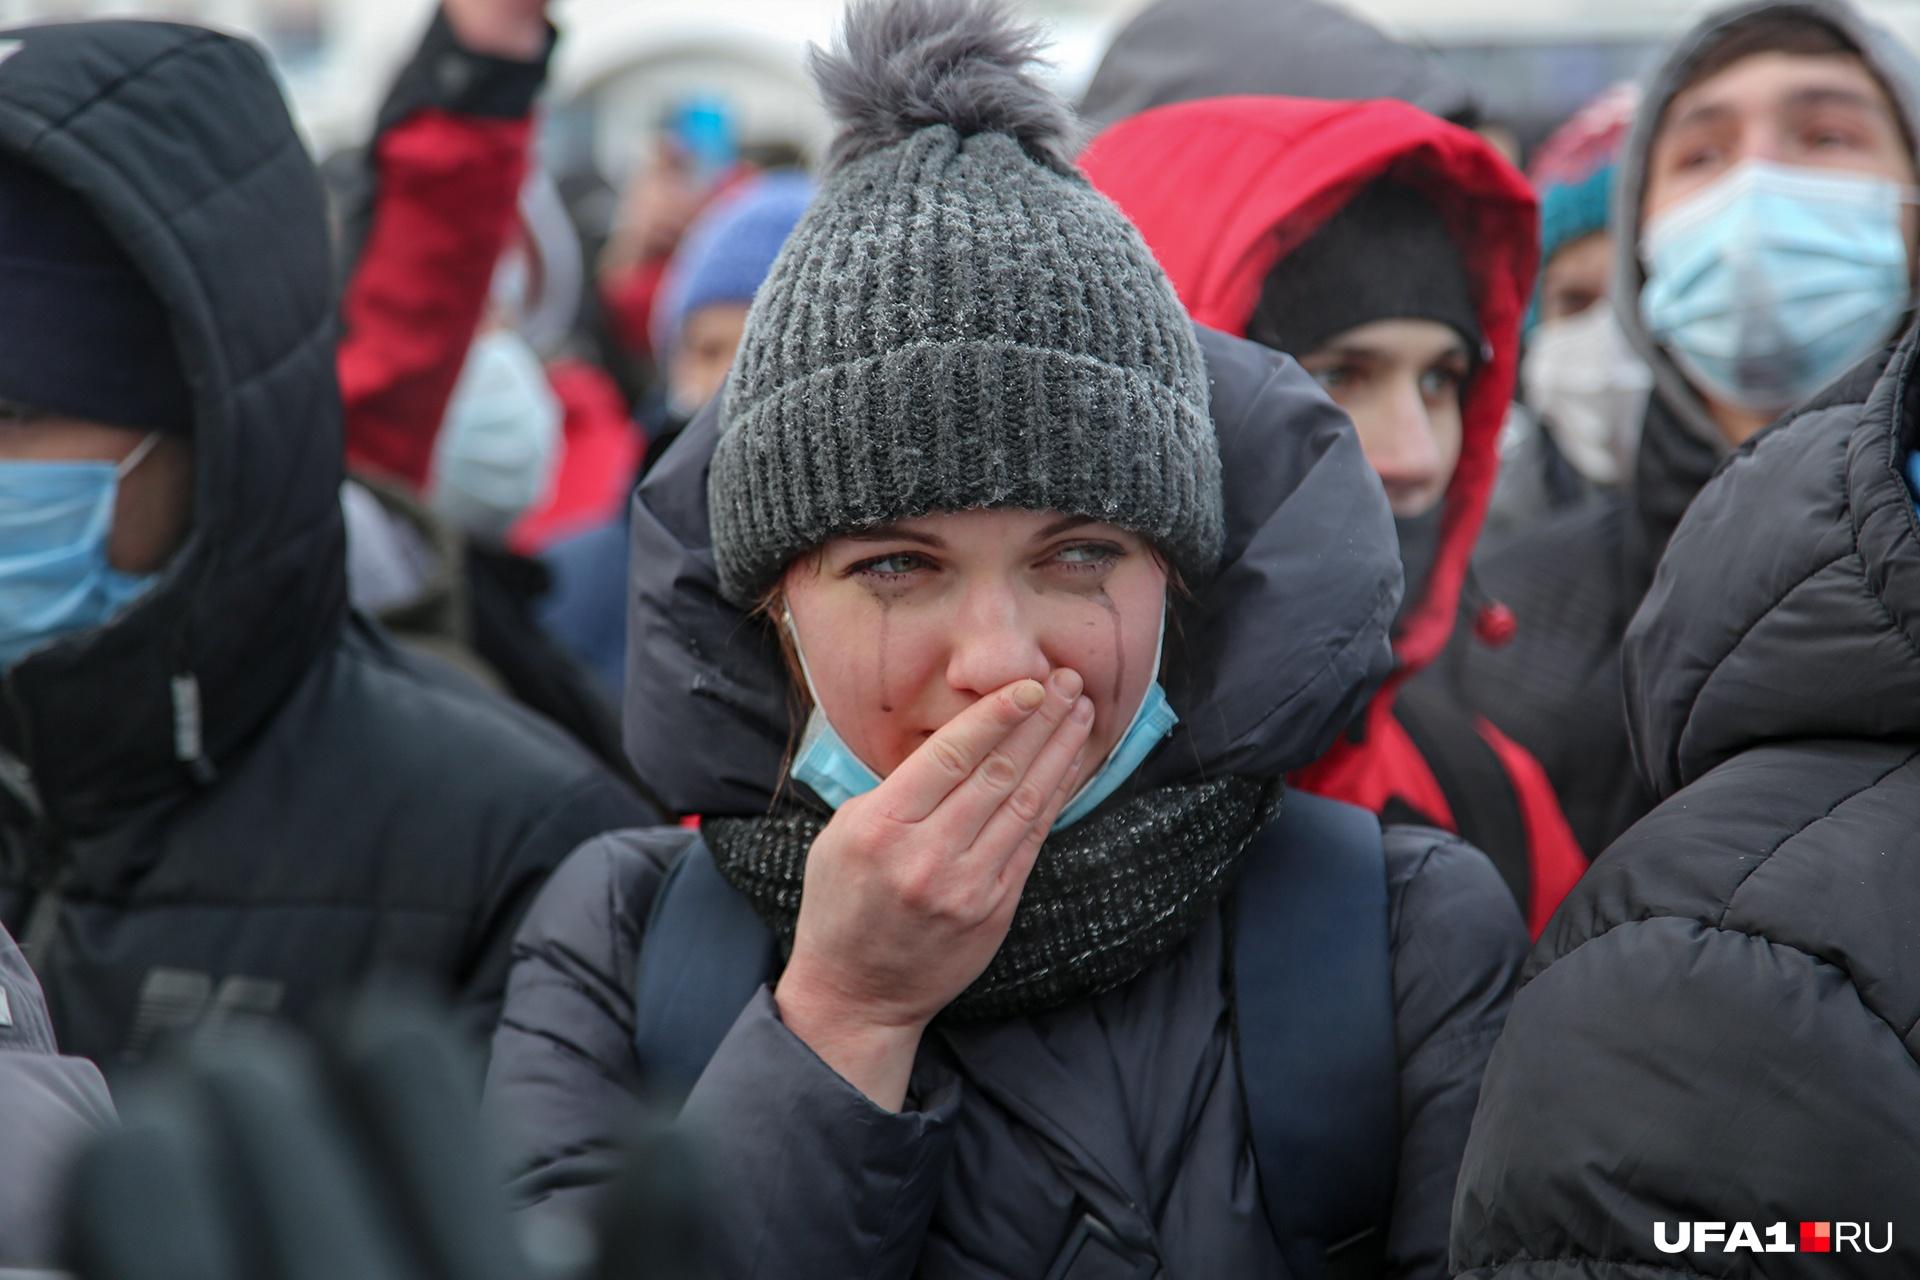 Трудно сдержать слезы, когда свои права на нормальную жизнь приходится отстаивать на морозе в протестной акции